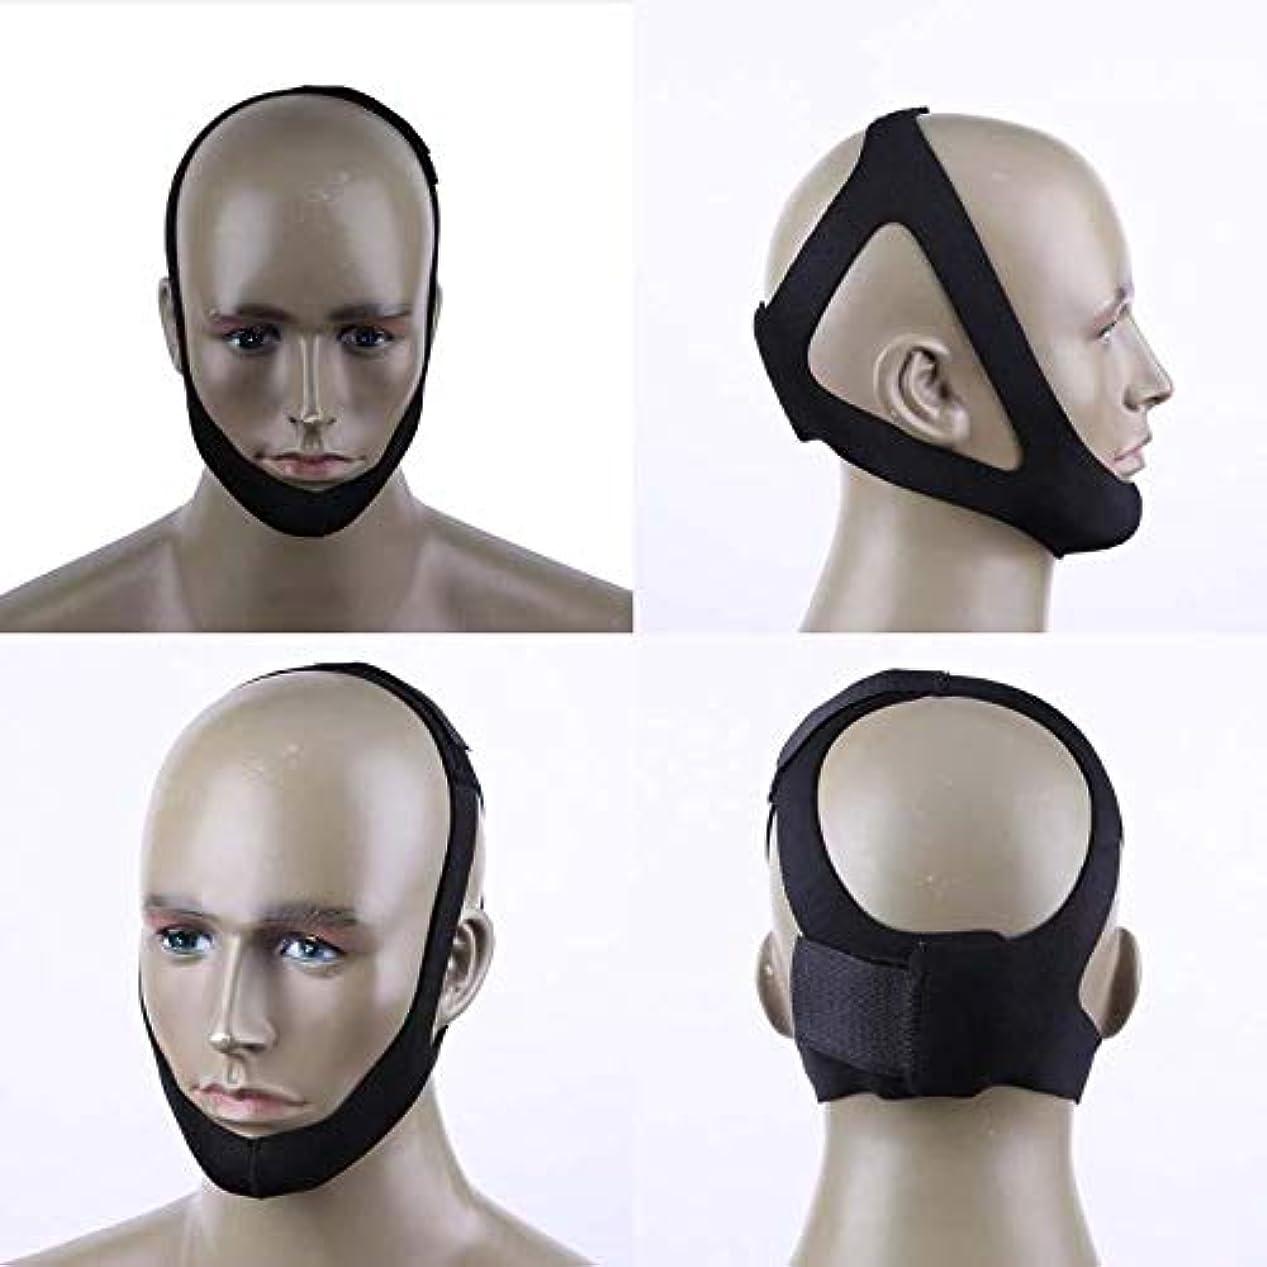 農学の面ではリムNOTE 睡眠マスク三角形抗いびきヘッドバンド停止いびきいびき止めあごの顎いびき抵抗女性男睡眠ツール